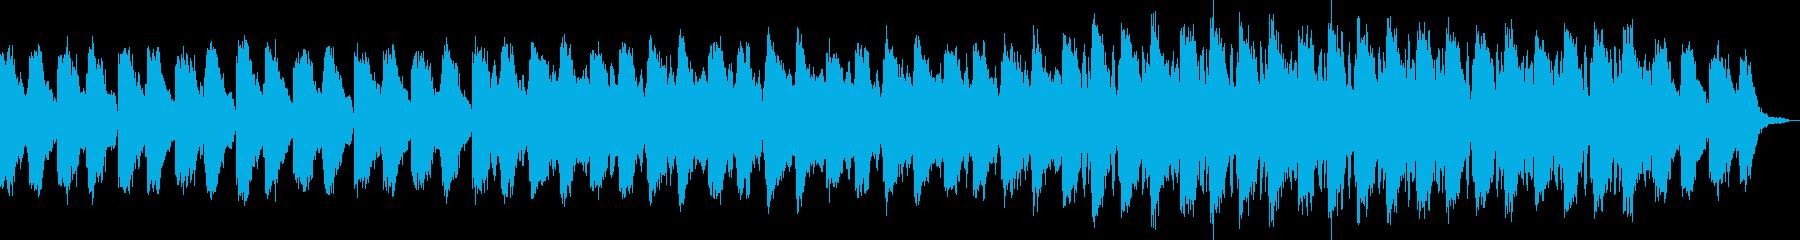 眠りを促す穏やかなエレクトロニカの再生済みの波形